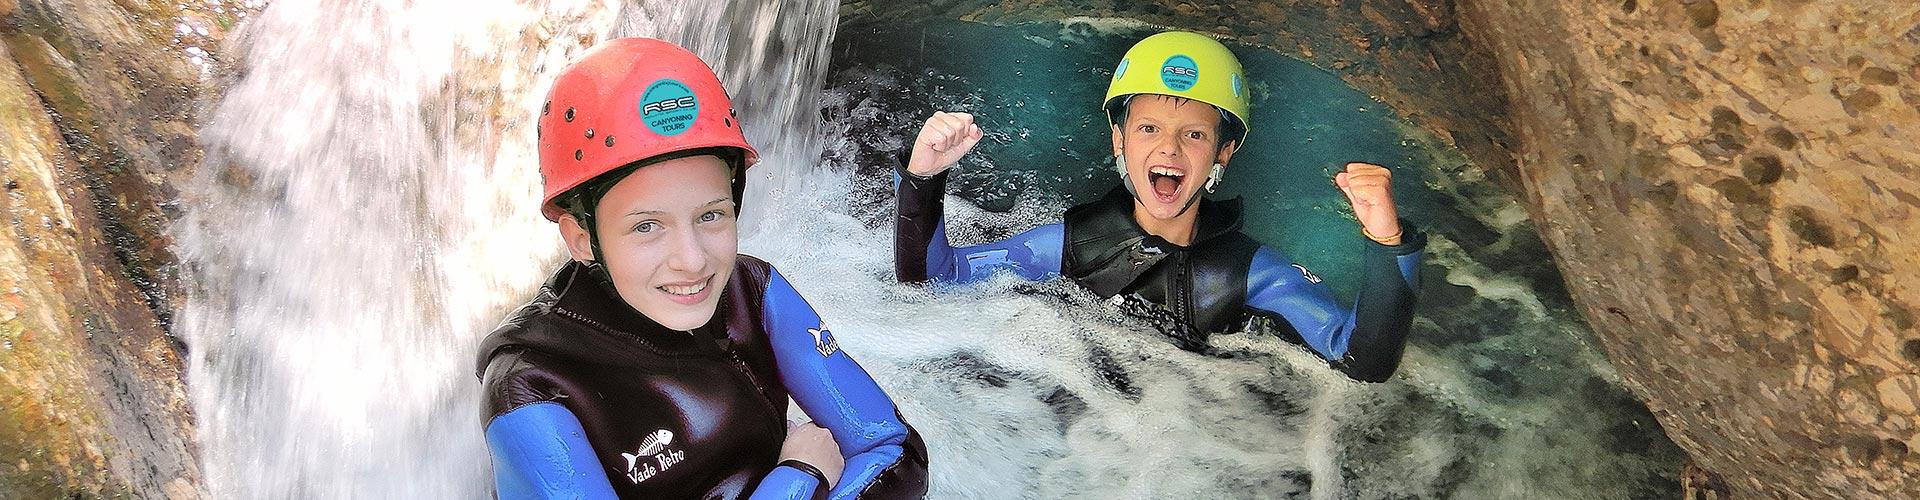 Canyoning Einsteiger und Familien Touren